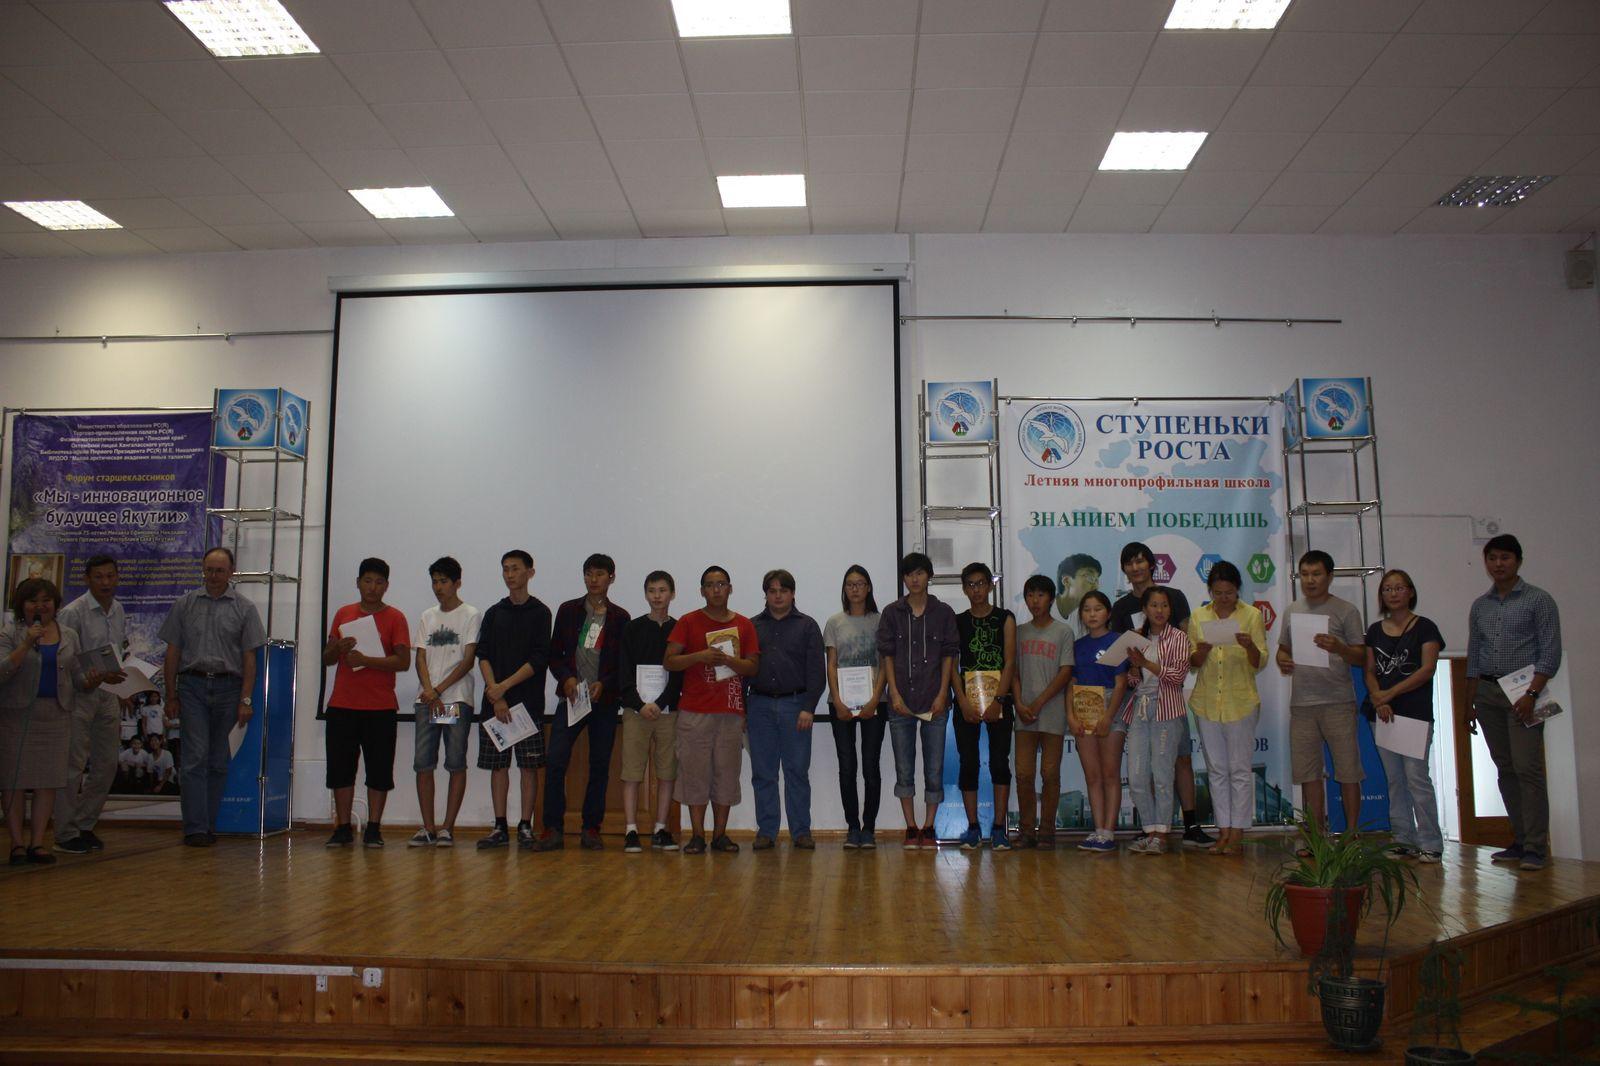 Летние IT-школы в Якутии: как это сделано - 21